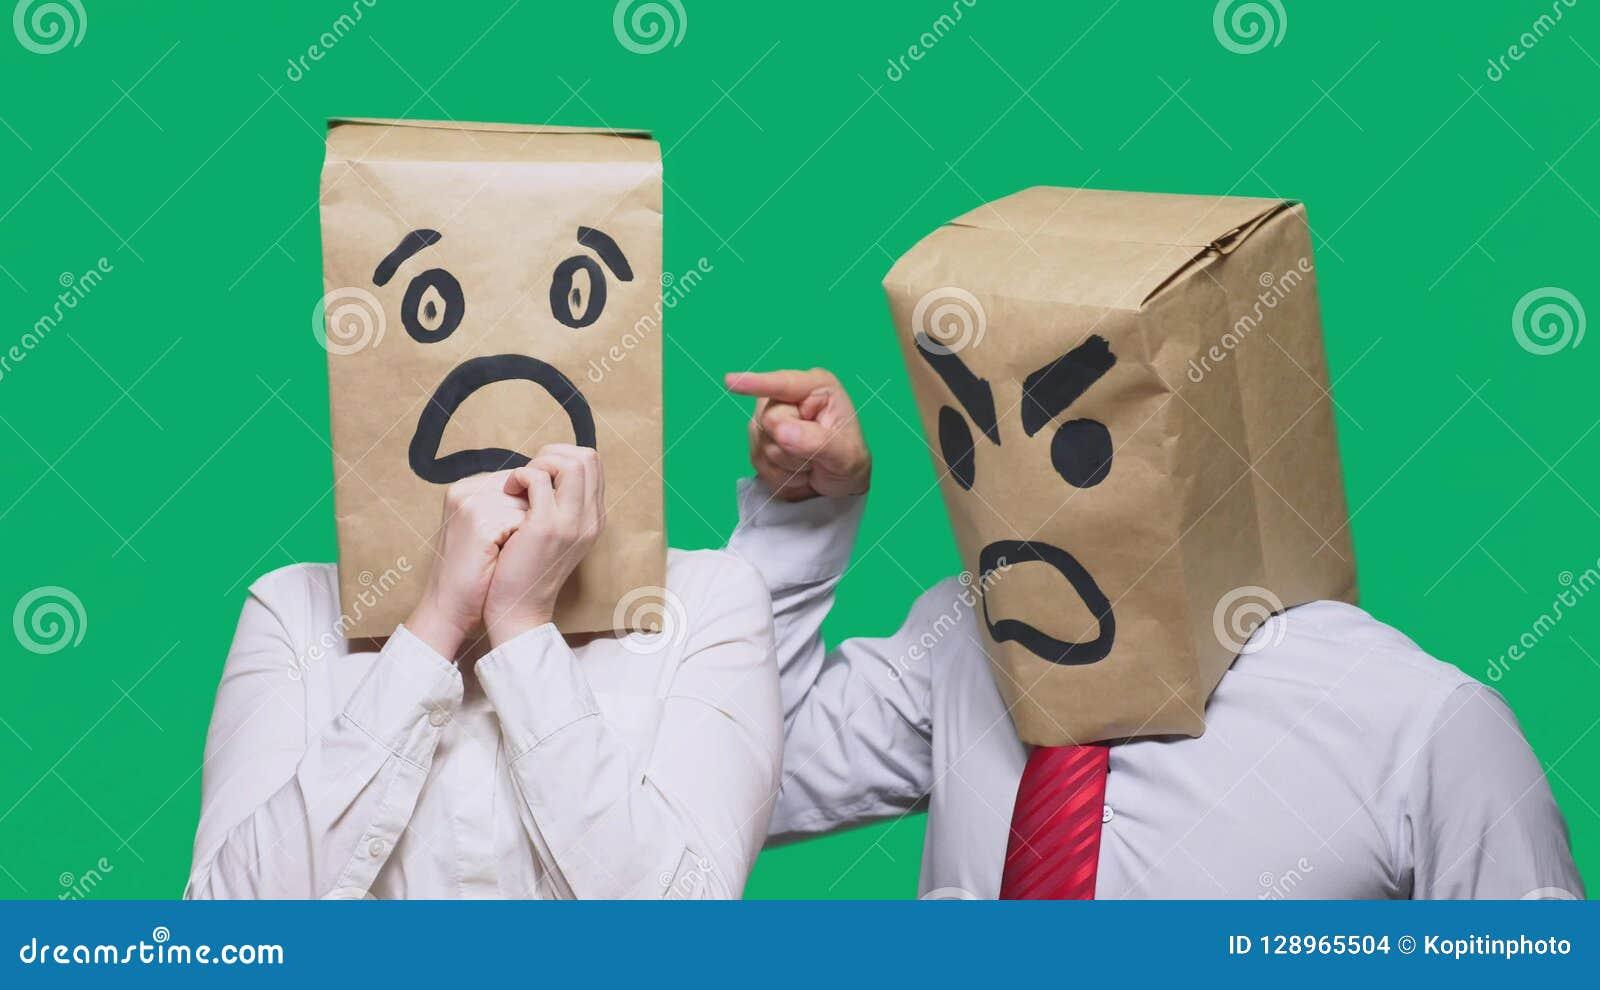 情感和姿态的概念 纸袋的两人有微笑的 积极的面带笑容发誓